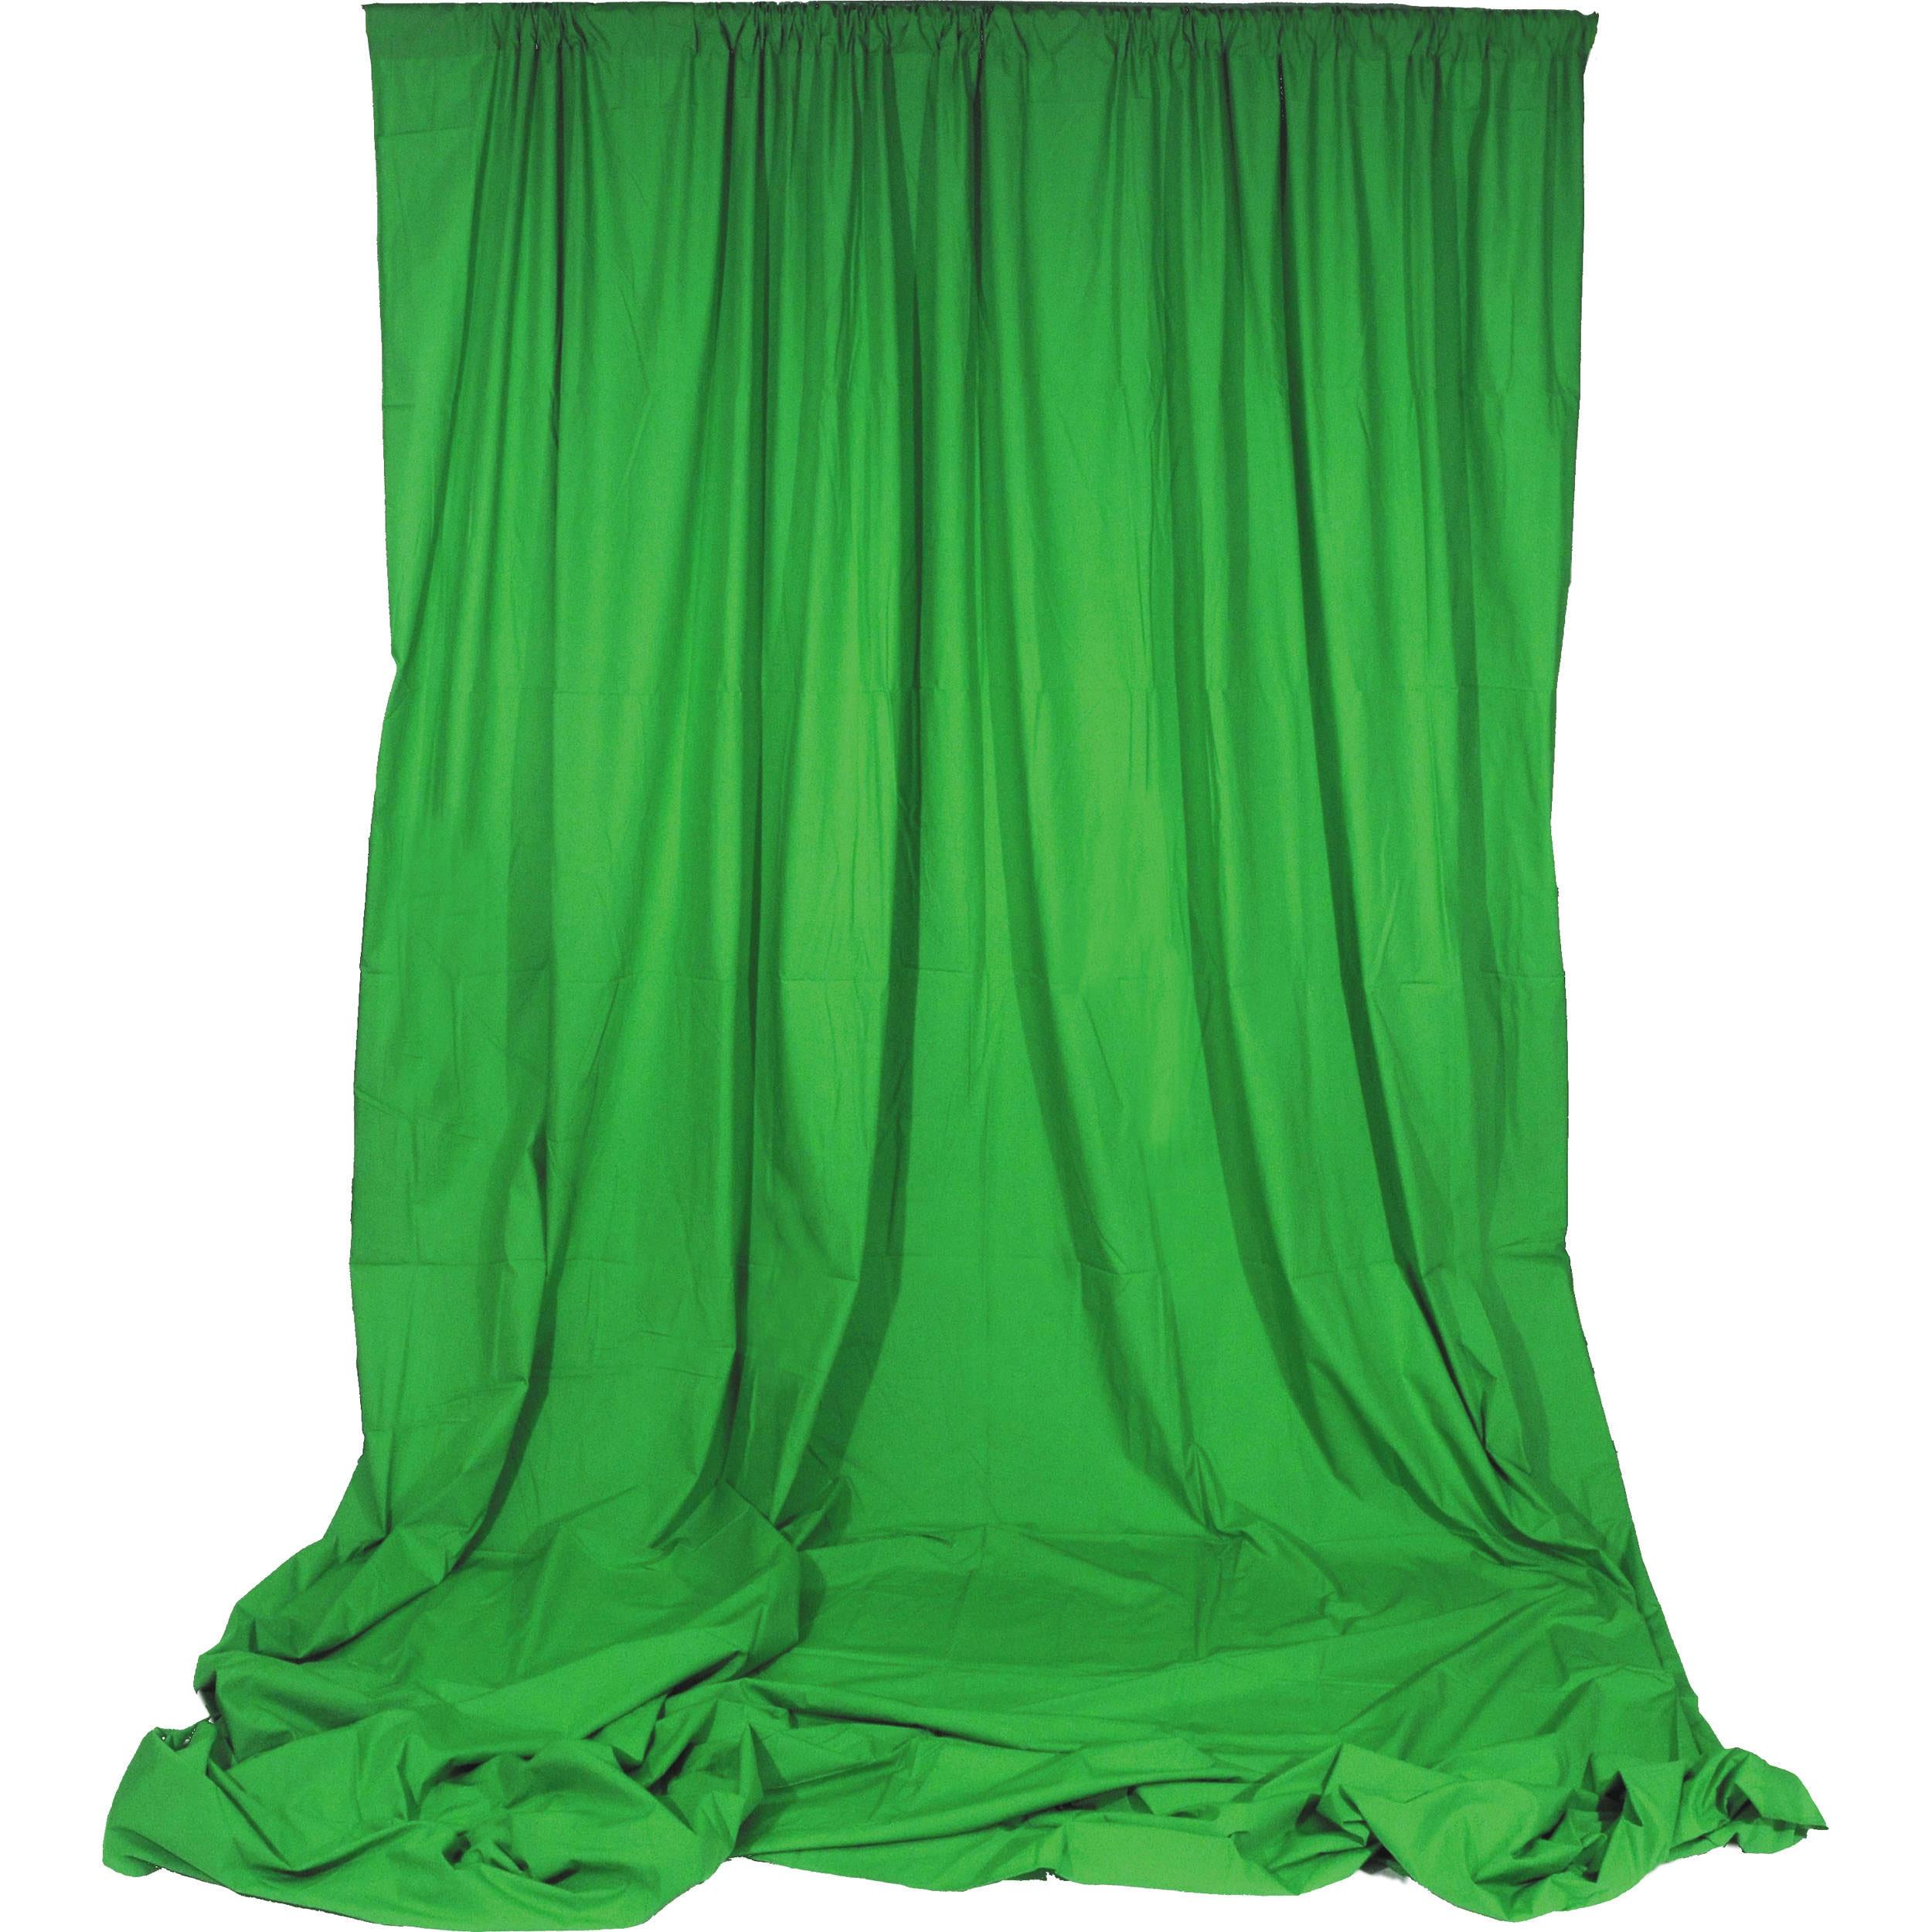 Angler Chromakey Green Background